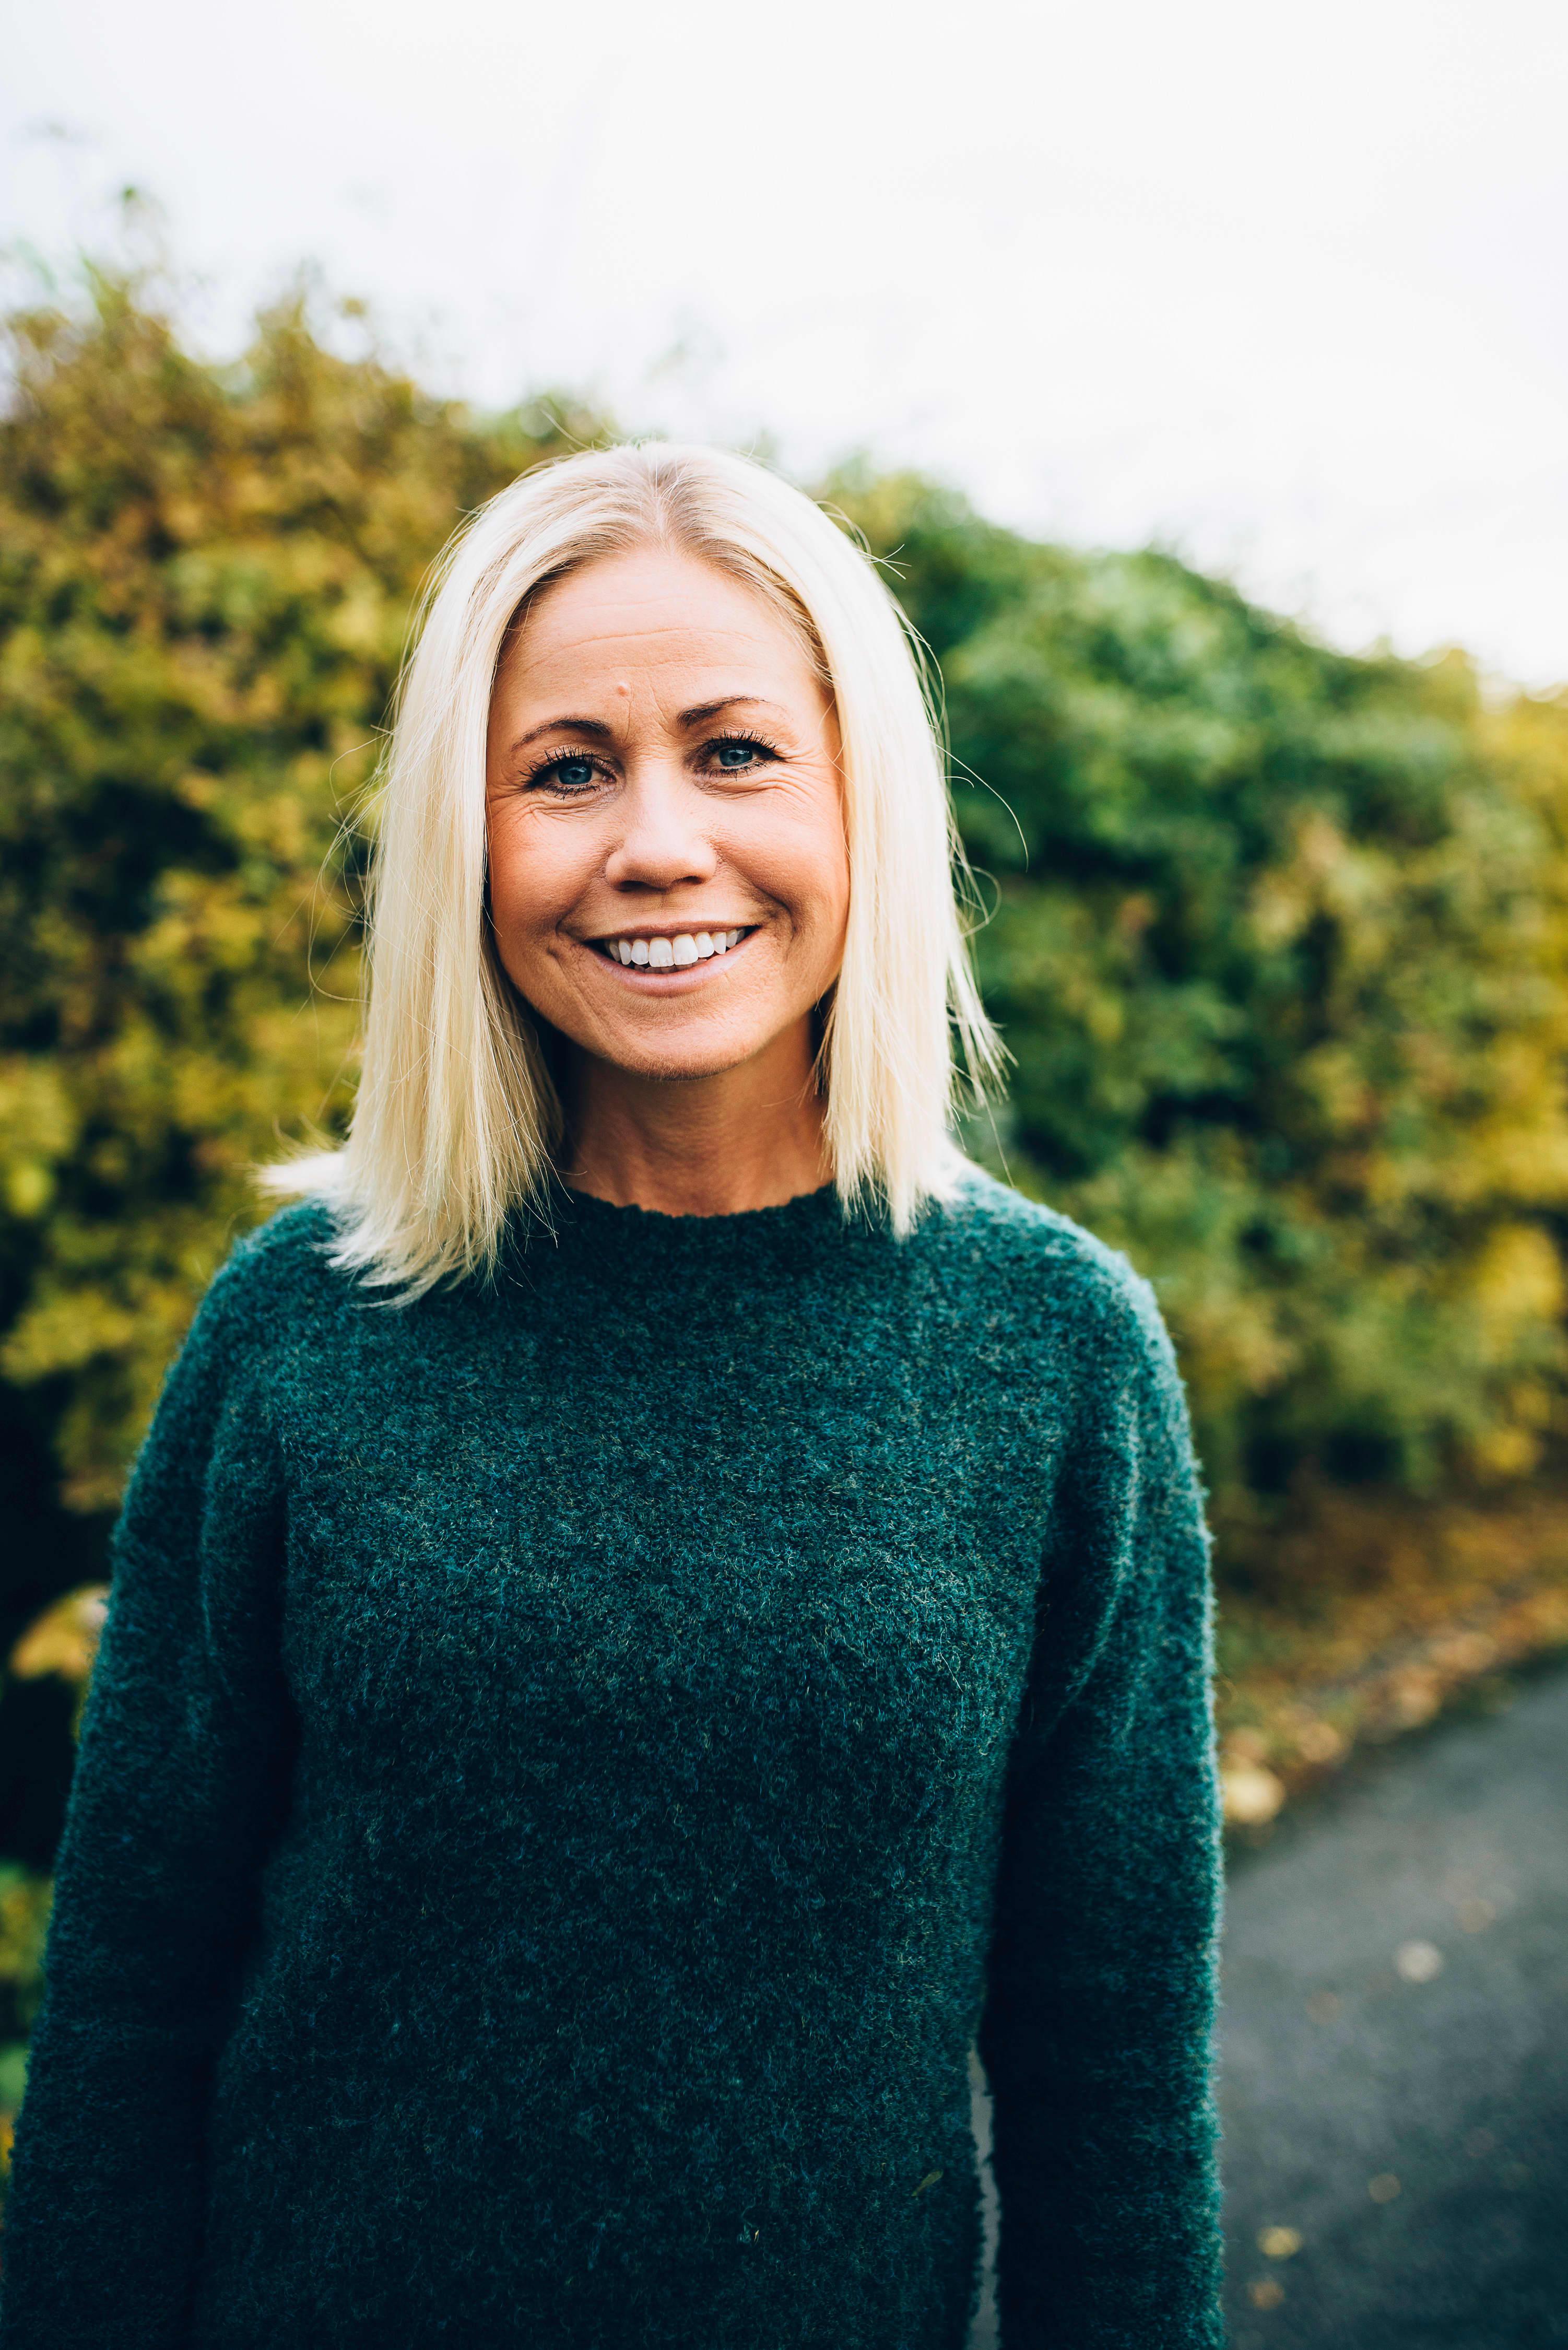 Ernæringsfysiolog Tine Sundfør skeier ut i påska, men prøver å ta de litt sunnere valgene.